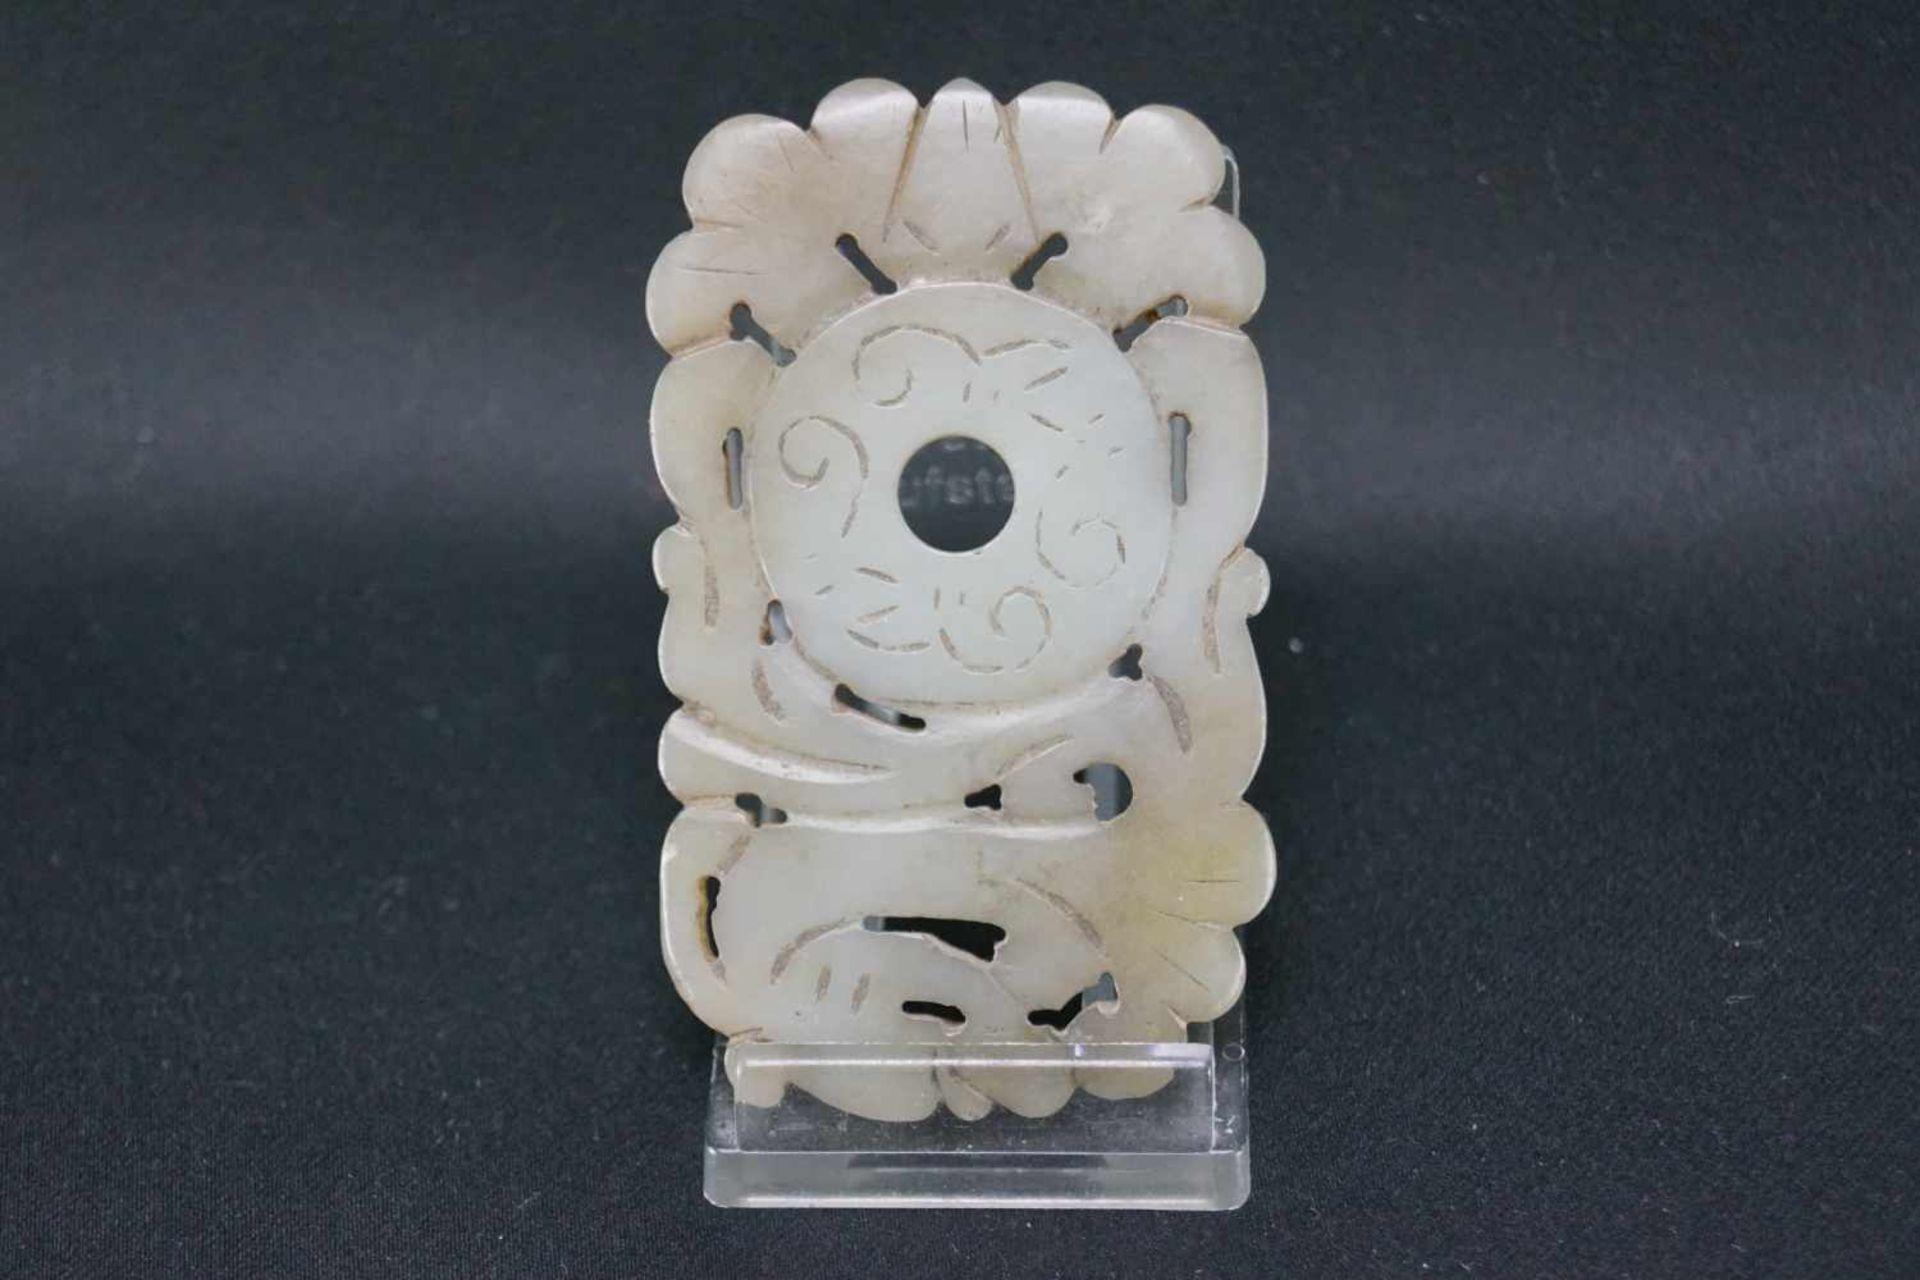 Drei Jadeschnitzereienhellgrüne Jade, im archaischen Stil, Maße der eckigen Schnitzereien Höhe 7 - Bild 2 aus 7